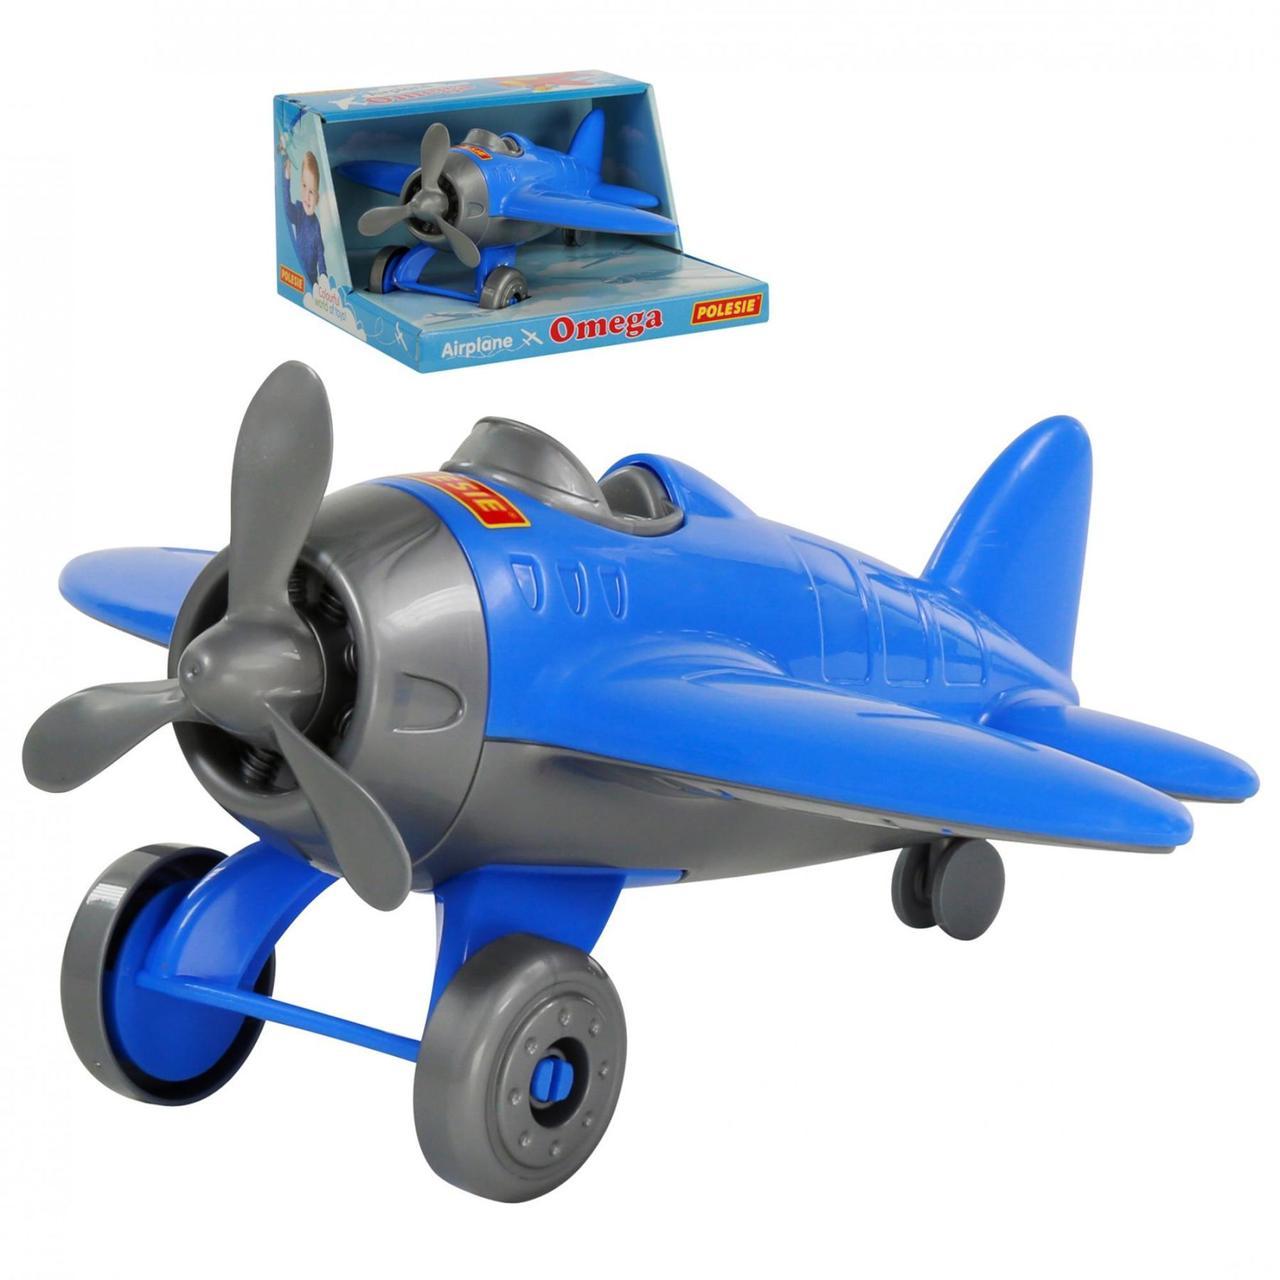 """Игрушка Polesie самолёт """"Омега"""" (в коробке) синий (70272-2)"""